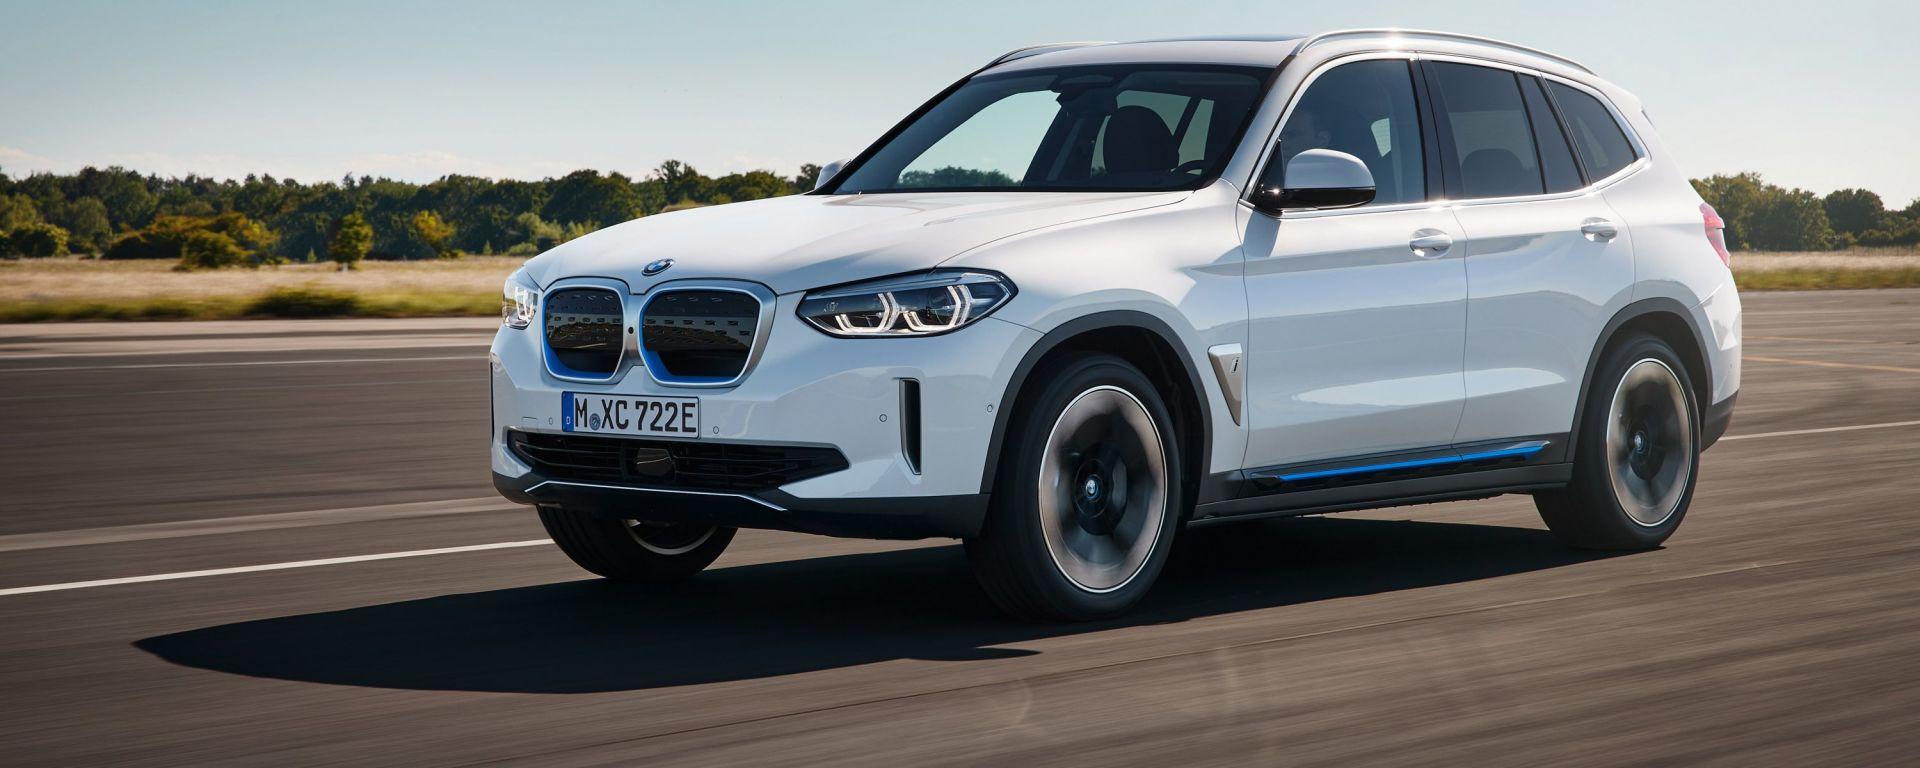 Nuova BMW iX3: visuale di 3/4 anteriore